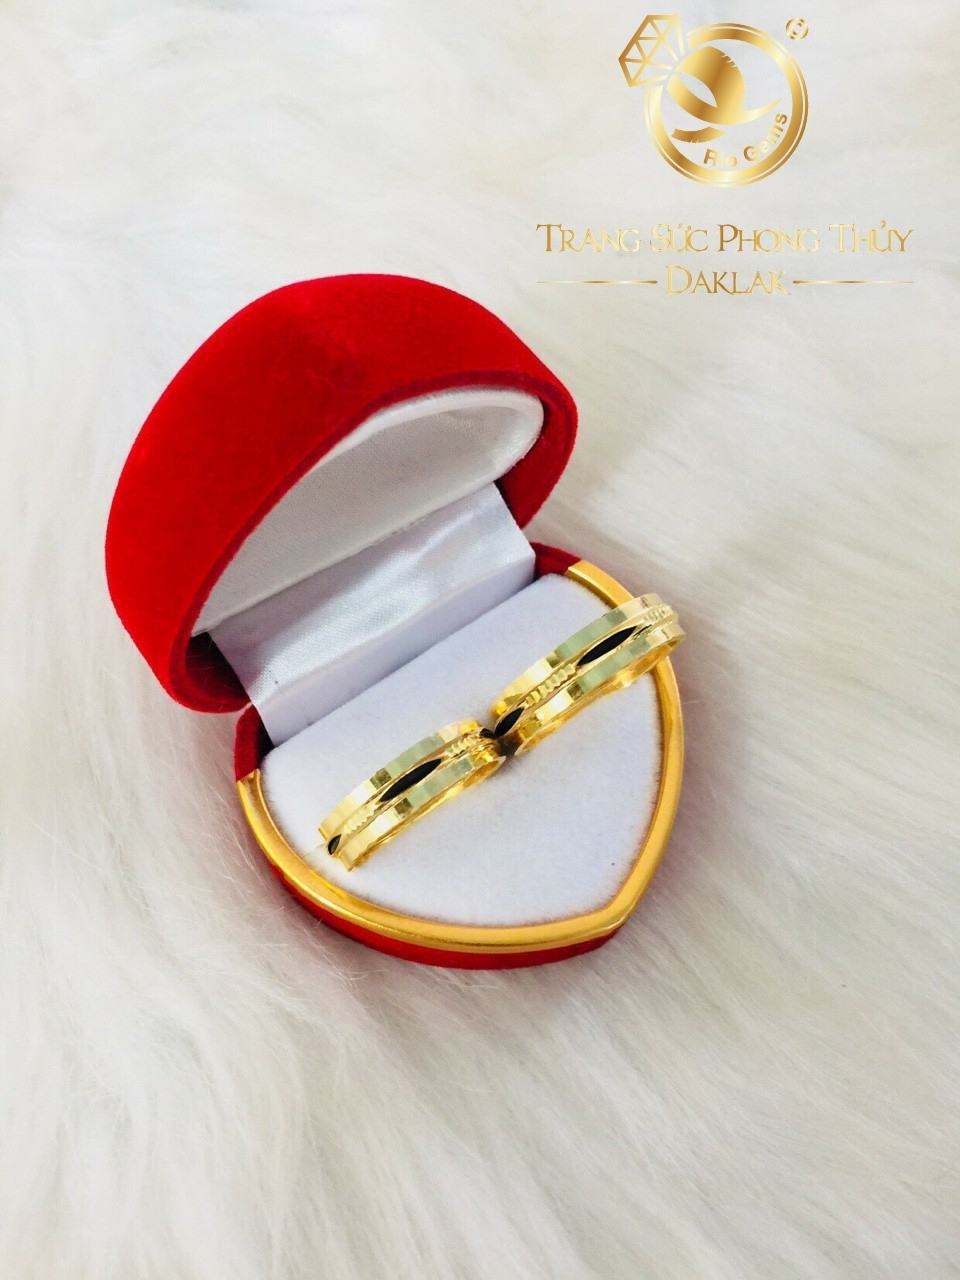 Không chỉ là trang sức, nhẫn lông voi 2 viền vàng RIOGEMs còn là món quà phong thủy tuyệt vời với ý nghĩa cầu chúc hạnh phúc, an khang, thịnh vượng cho đôi trẻ